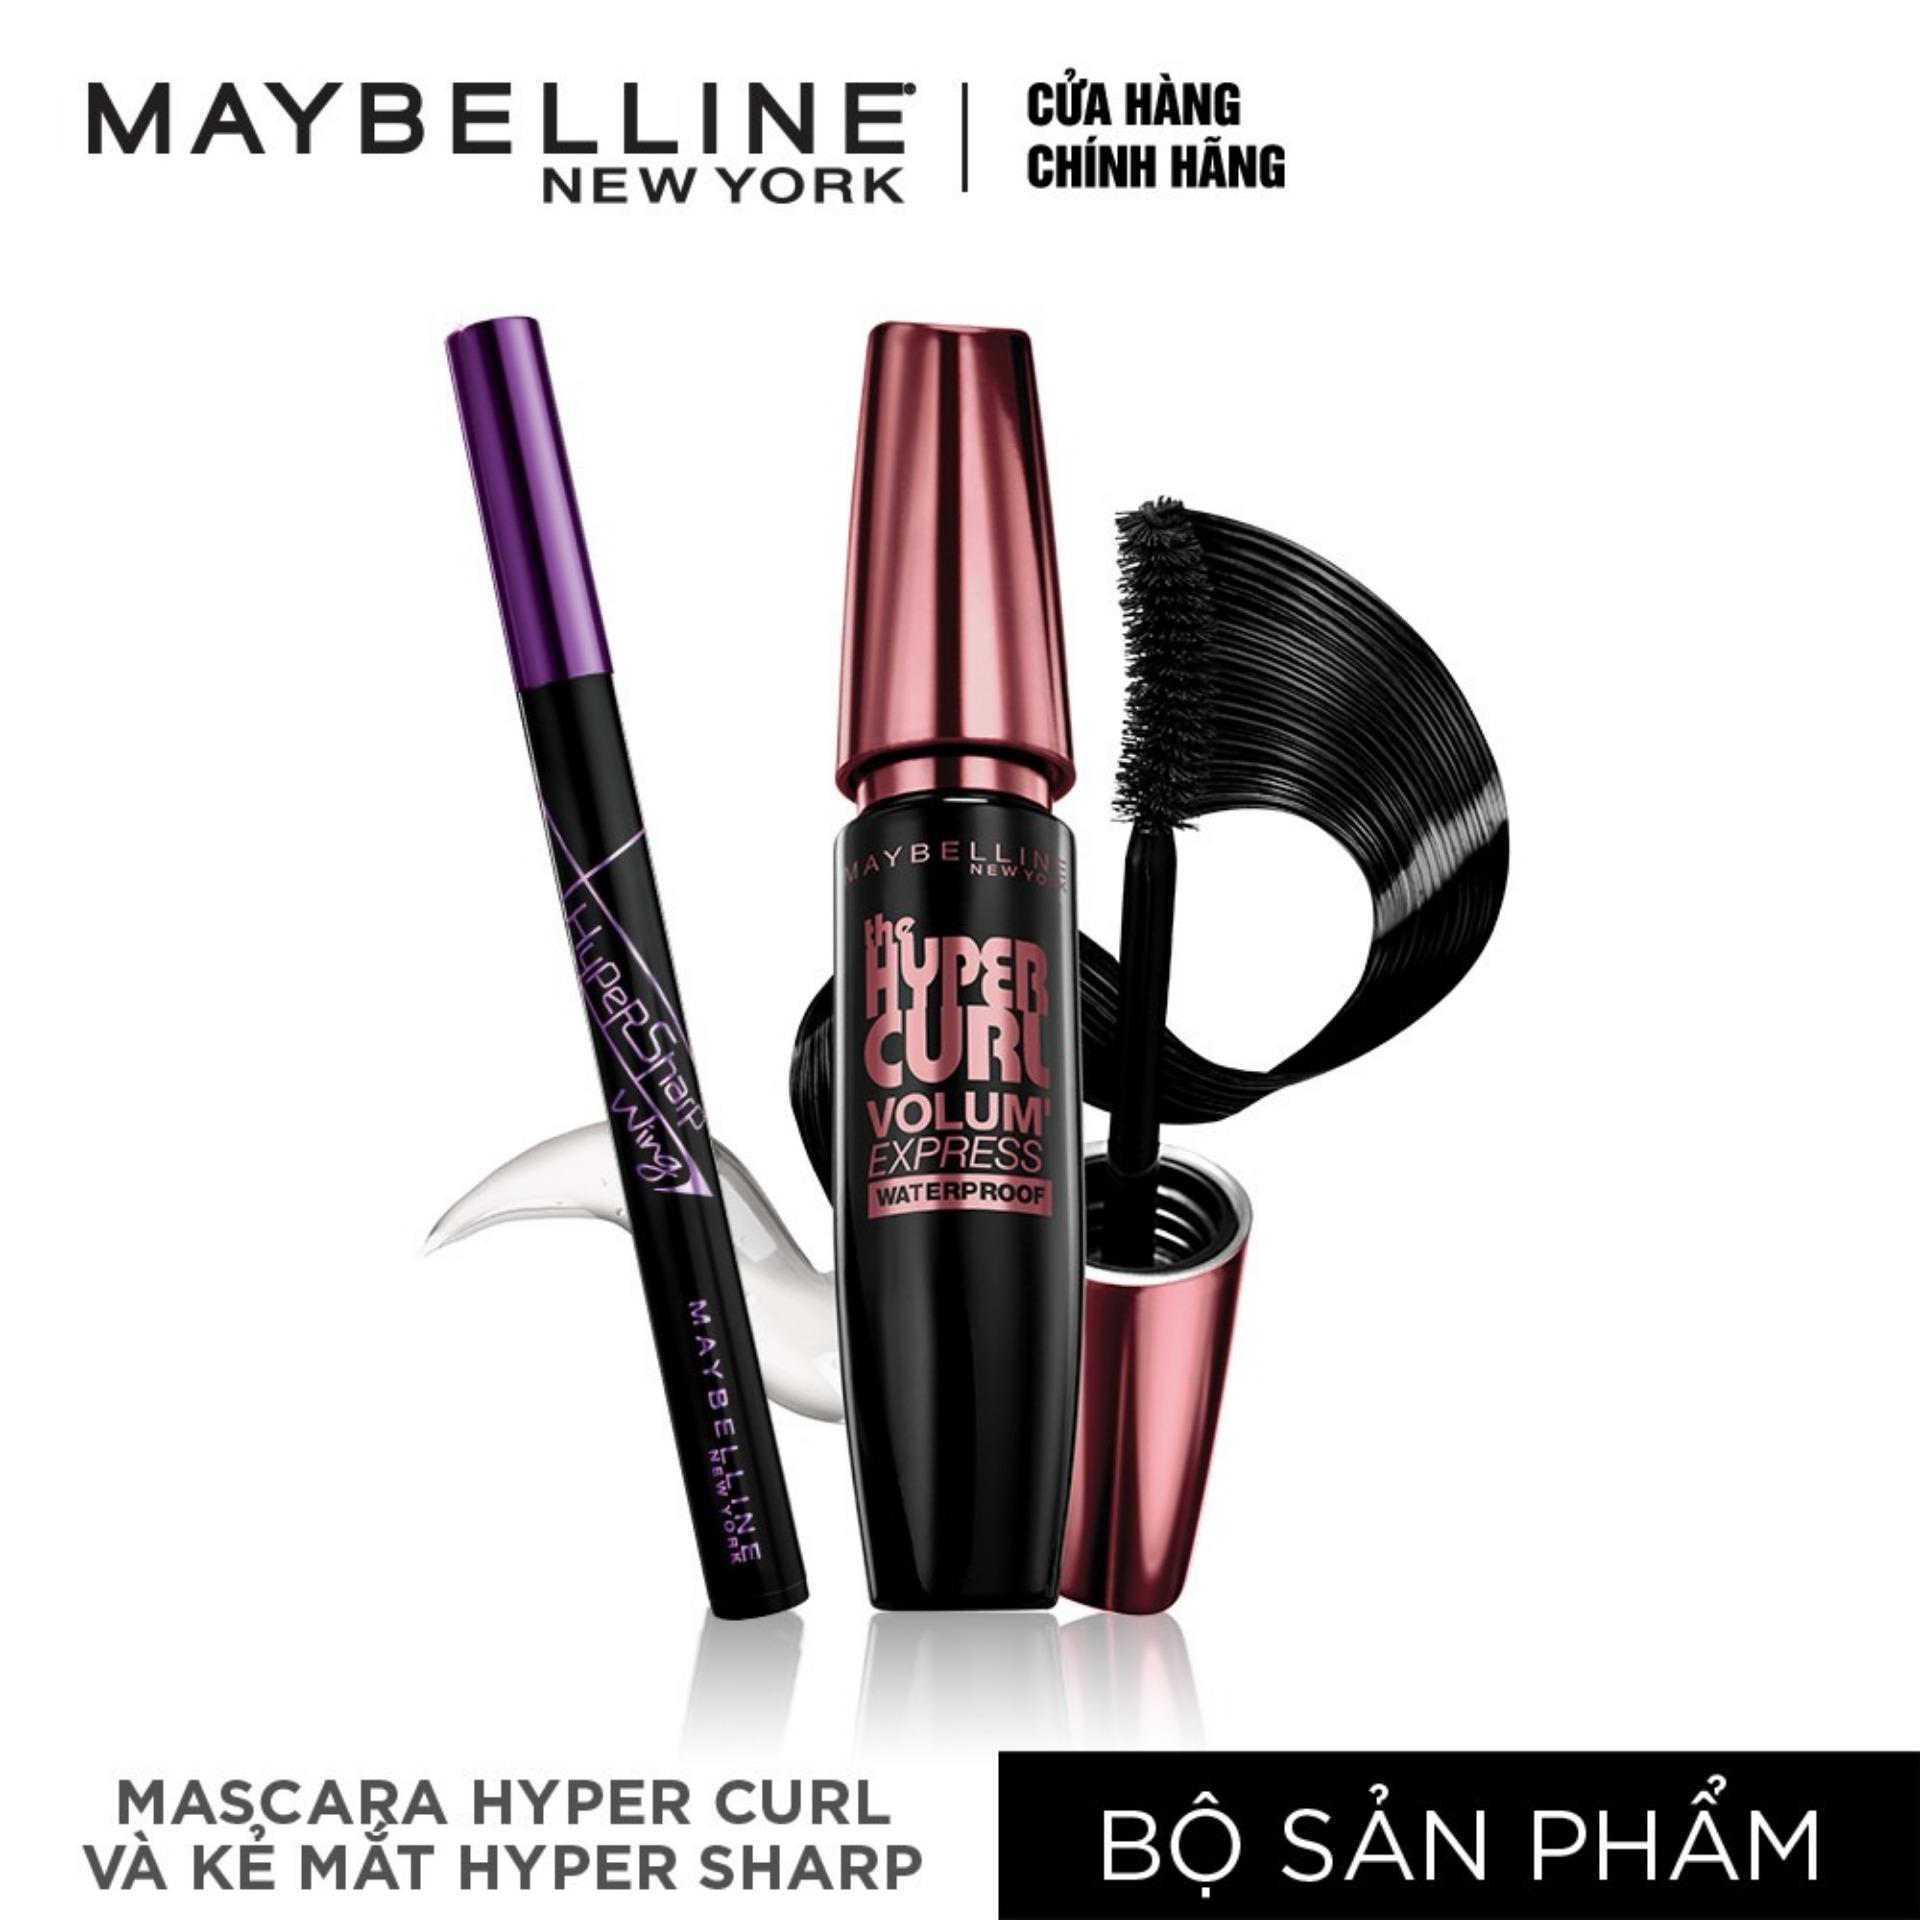 Bộ đôi Mascara dài & cong mi Maybelline Hyper Curl + Kẻ mắt nước Maybelline Hyper sharp nhập khẩu